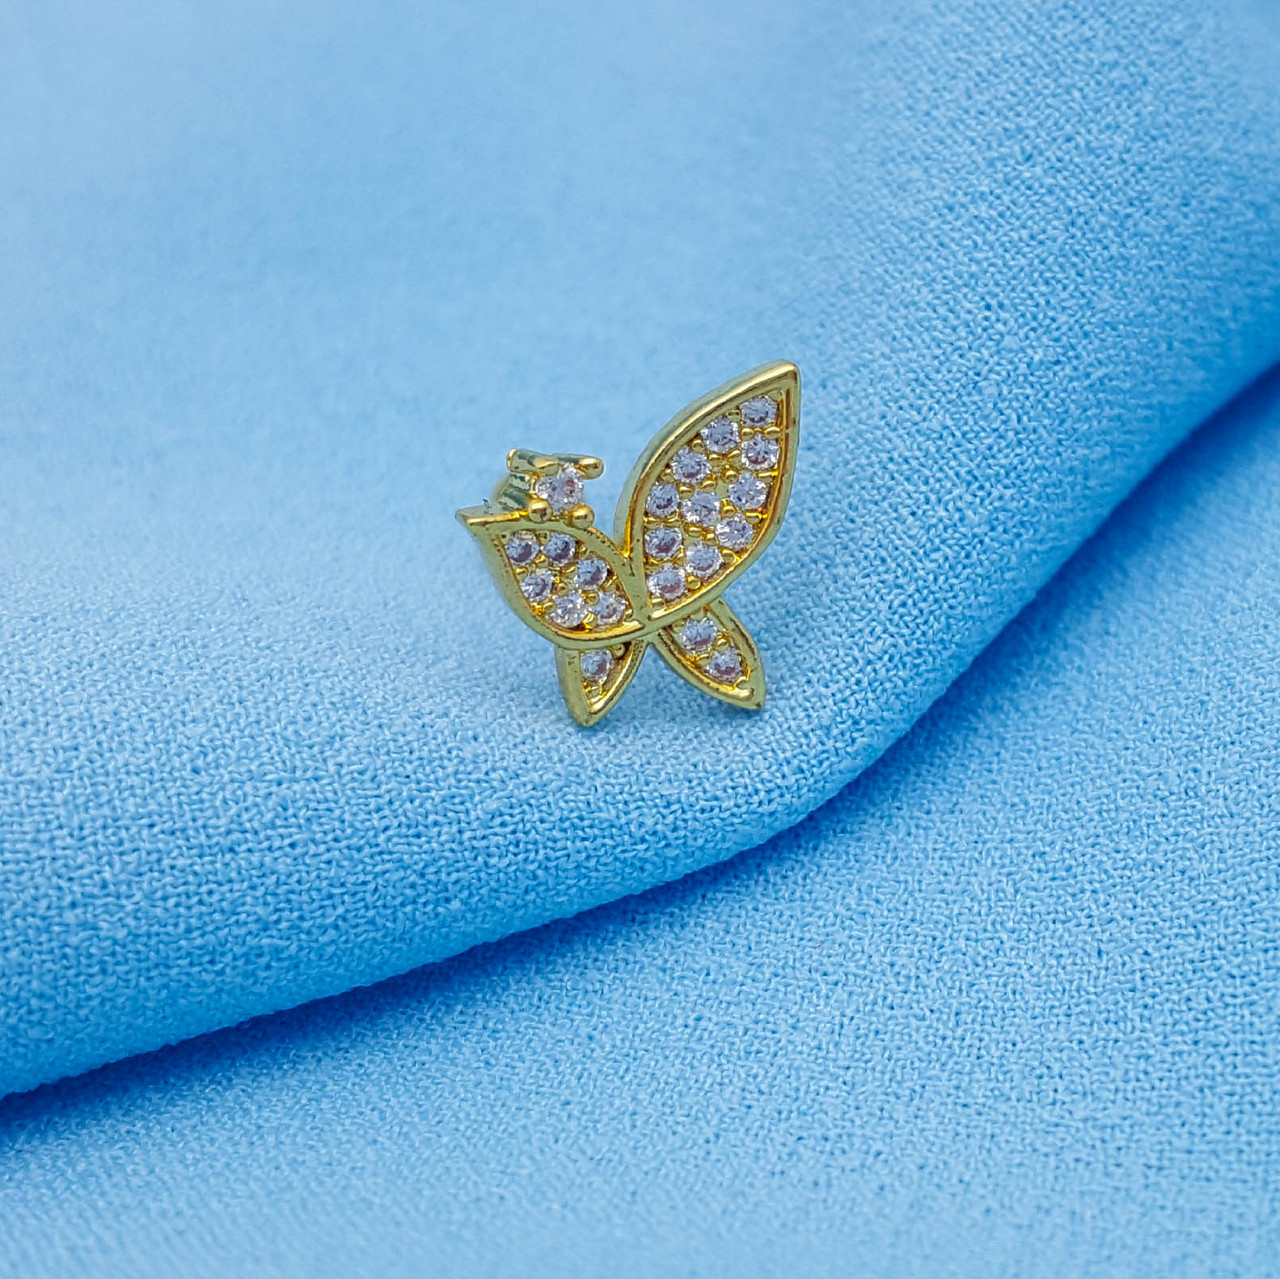 Дизайнерский пирсинг, Бабочка в камешки, на закрутке, под золото